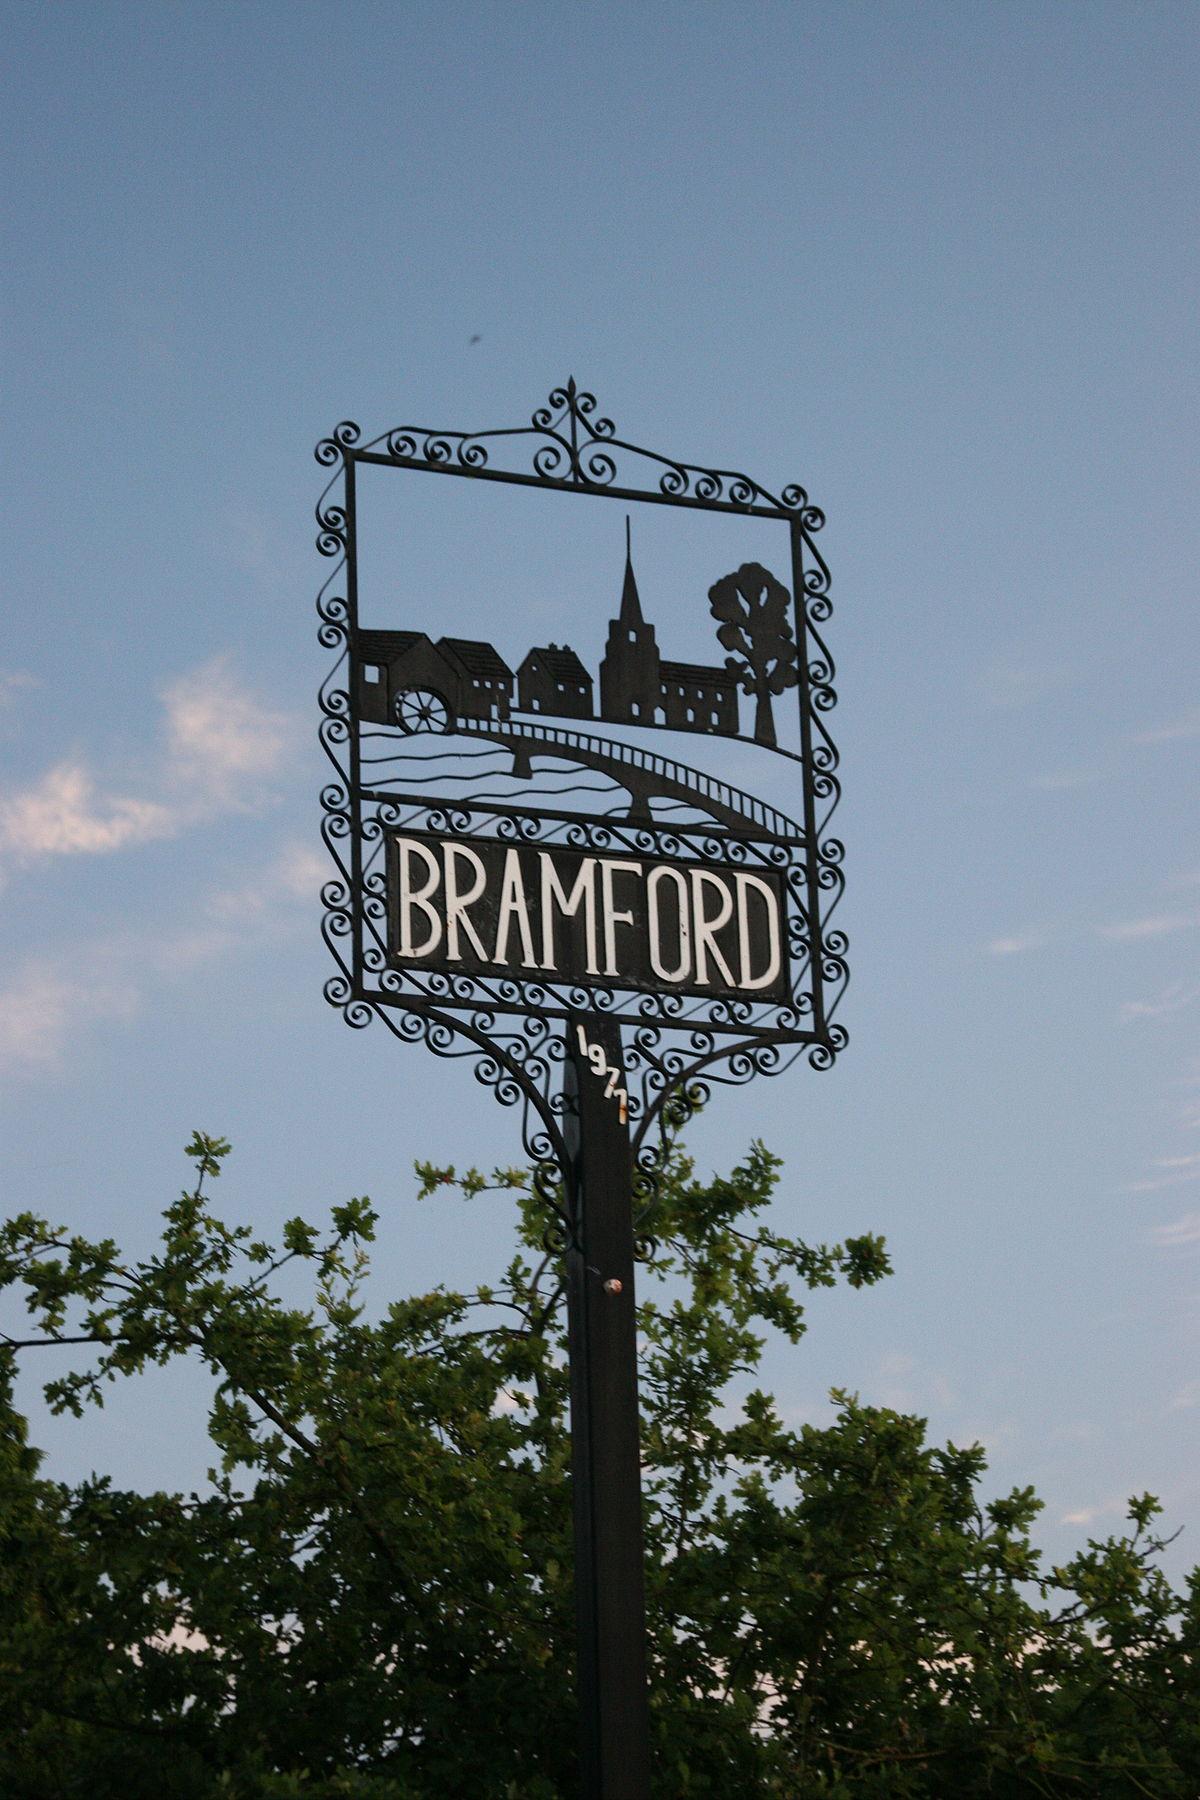 Bramford  Wikipedia